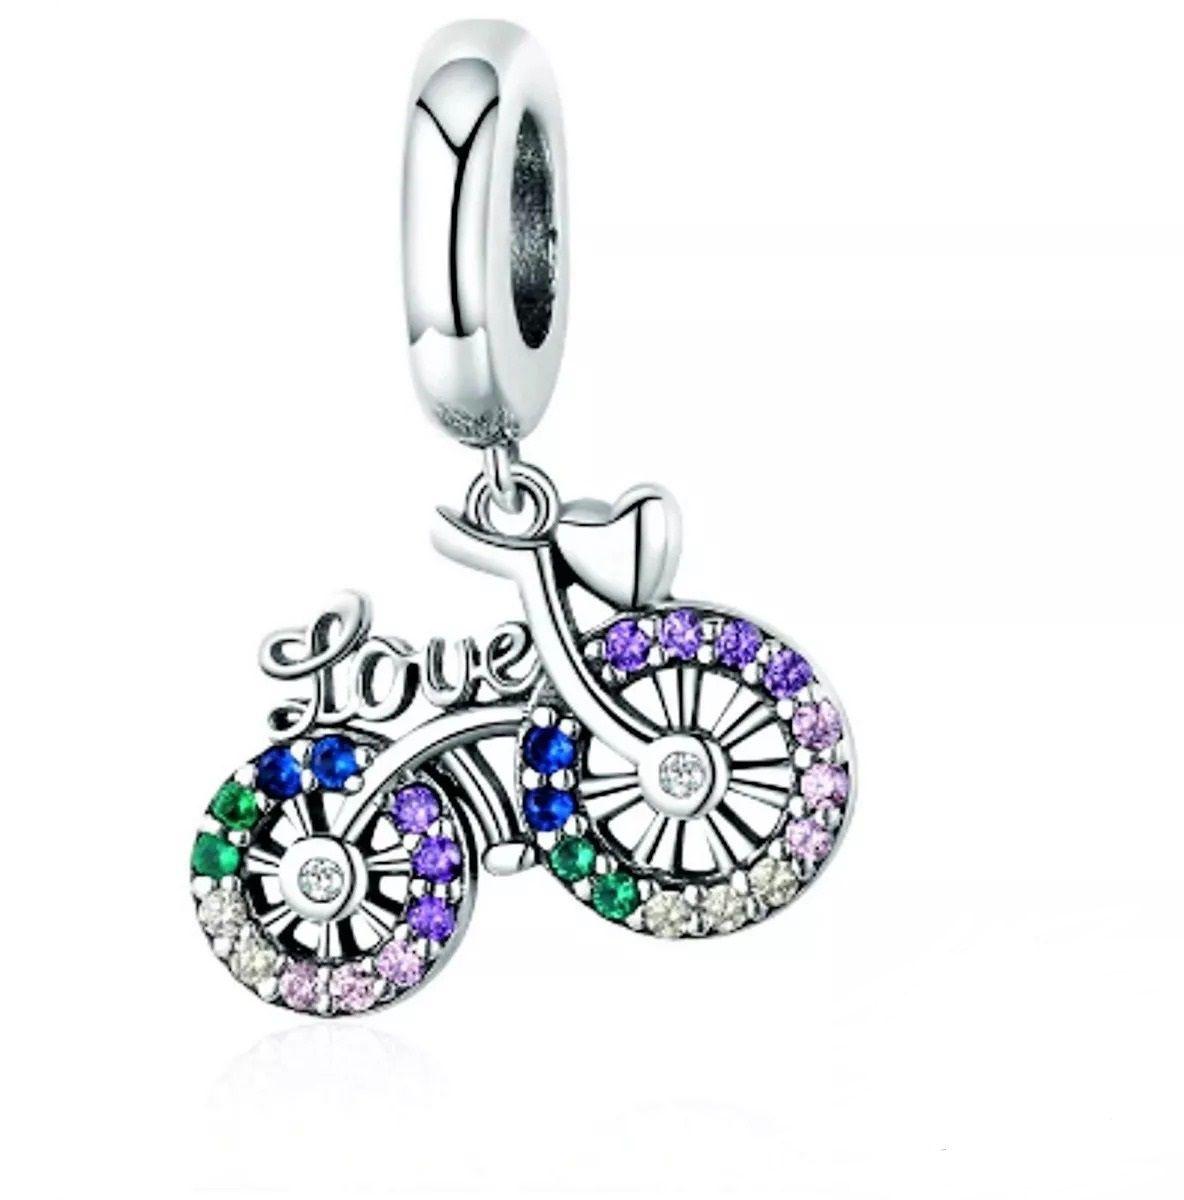 Berloque de Bicicleta Love Charm para Pulseiras e Colares em Prata 925